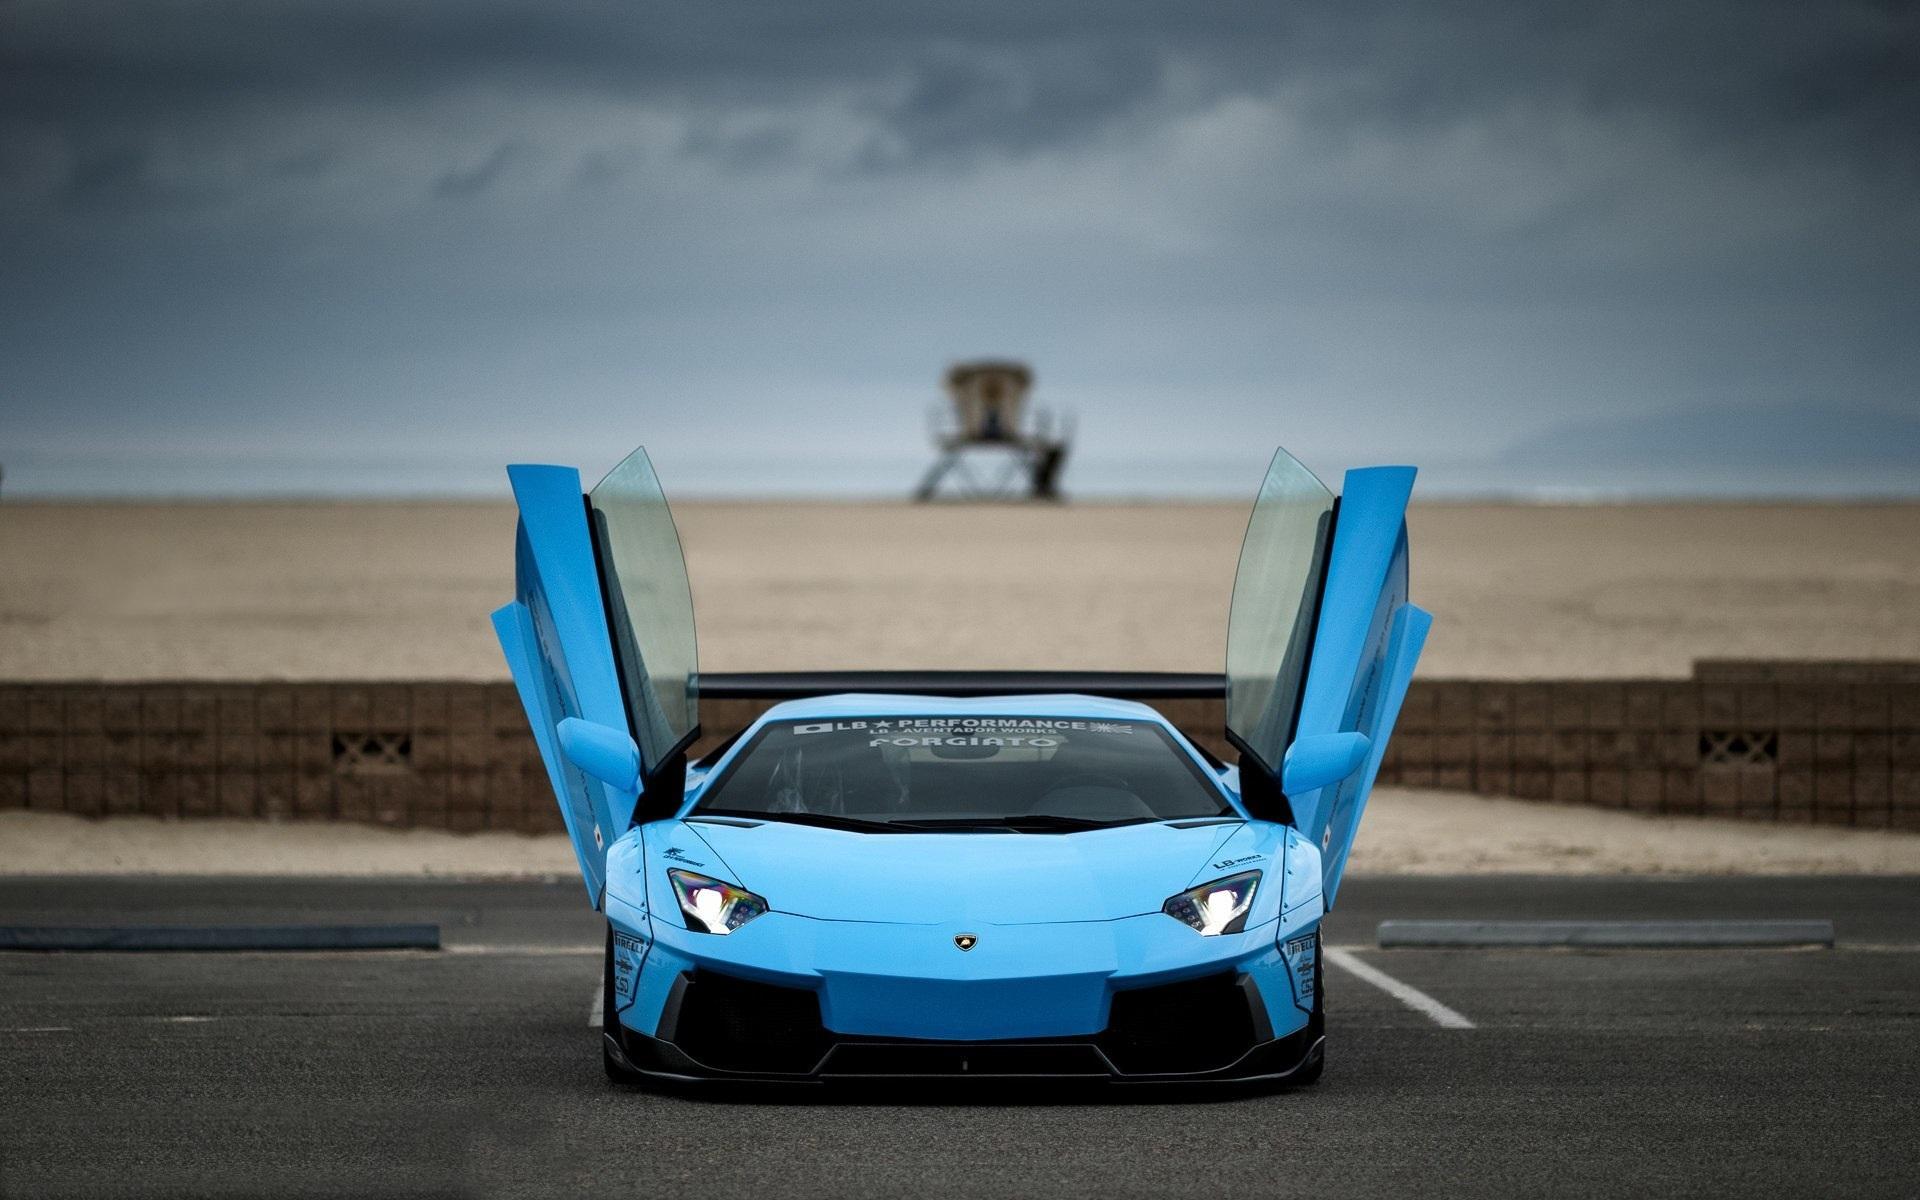 Wallpaper Blue Lamborghini Aventador Supercar Doors Opened